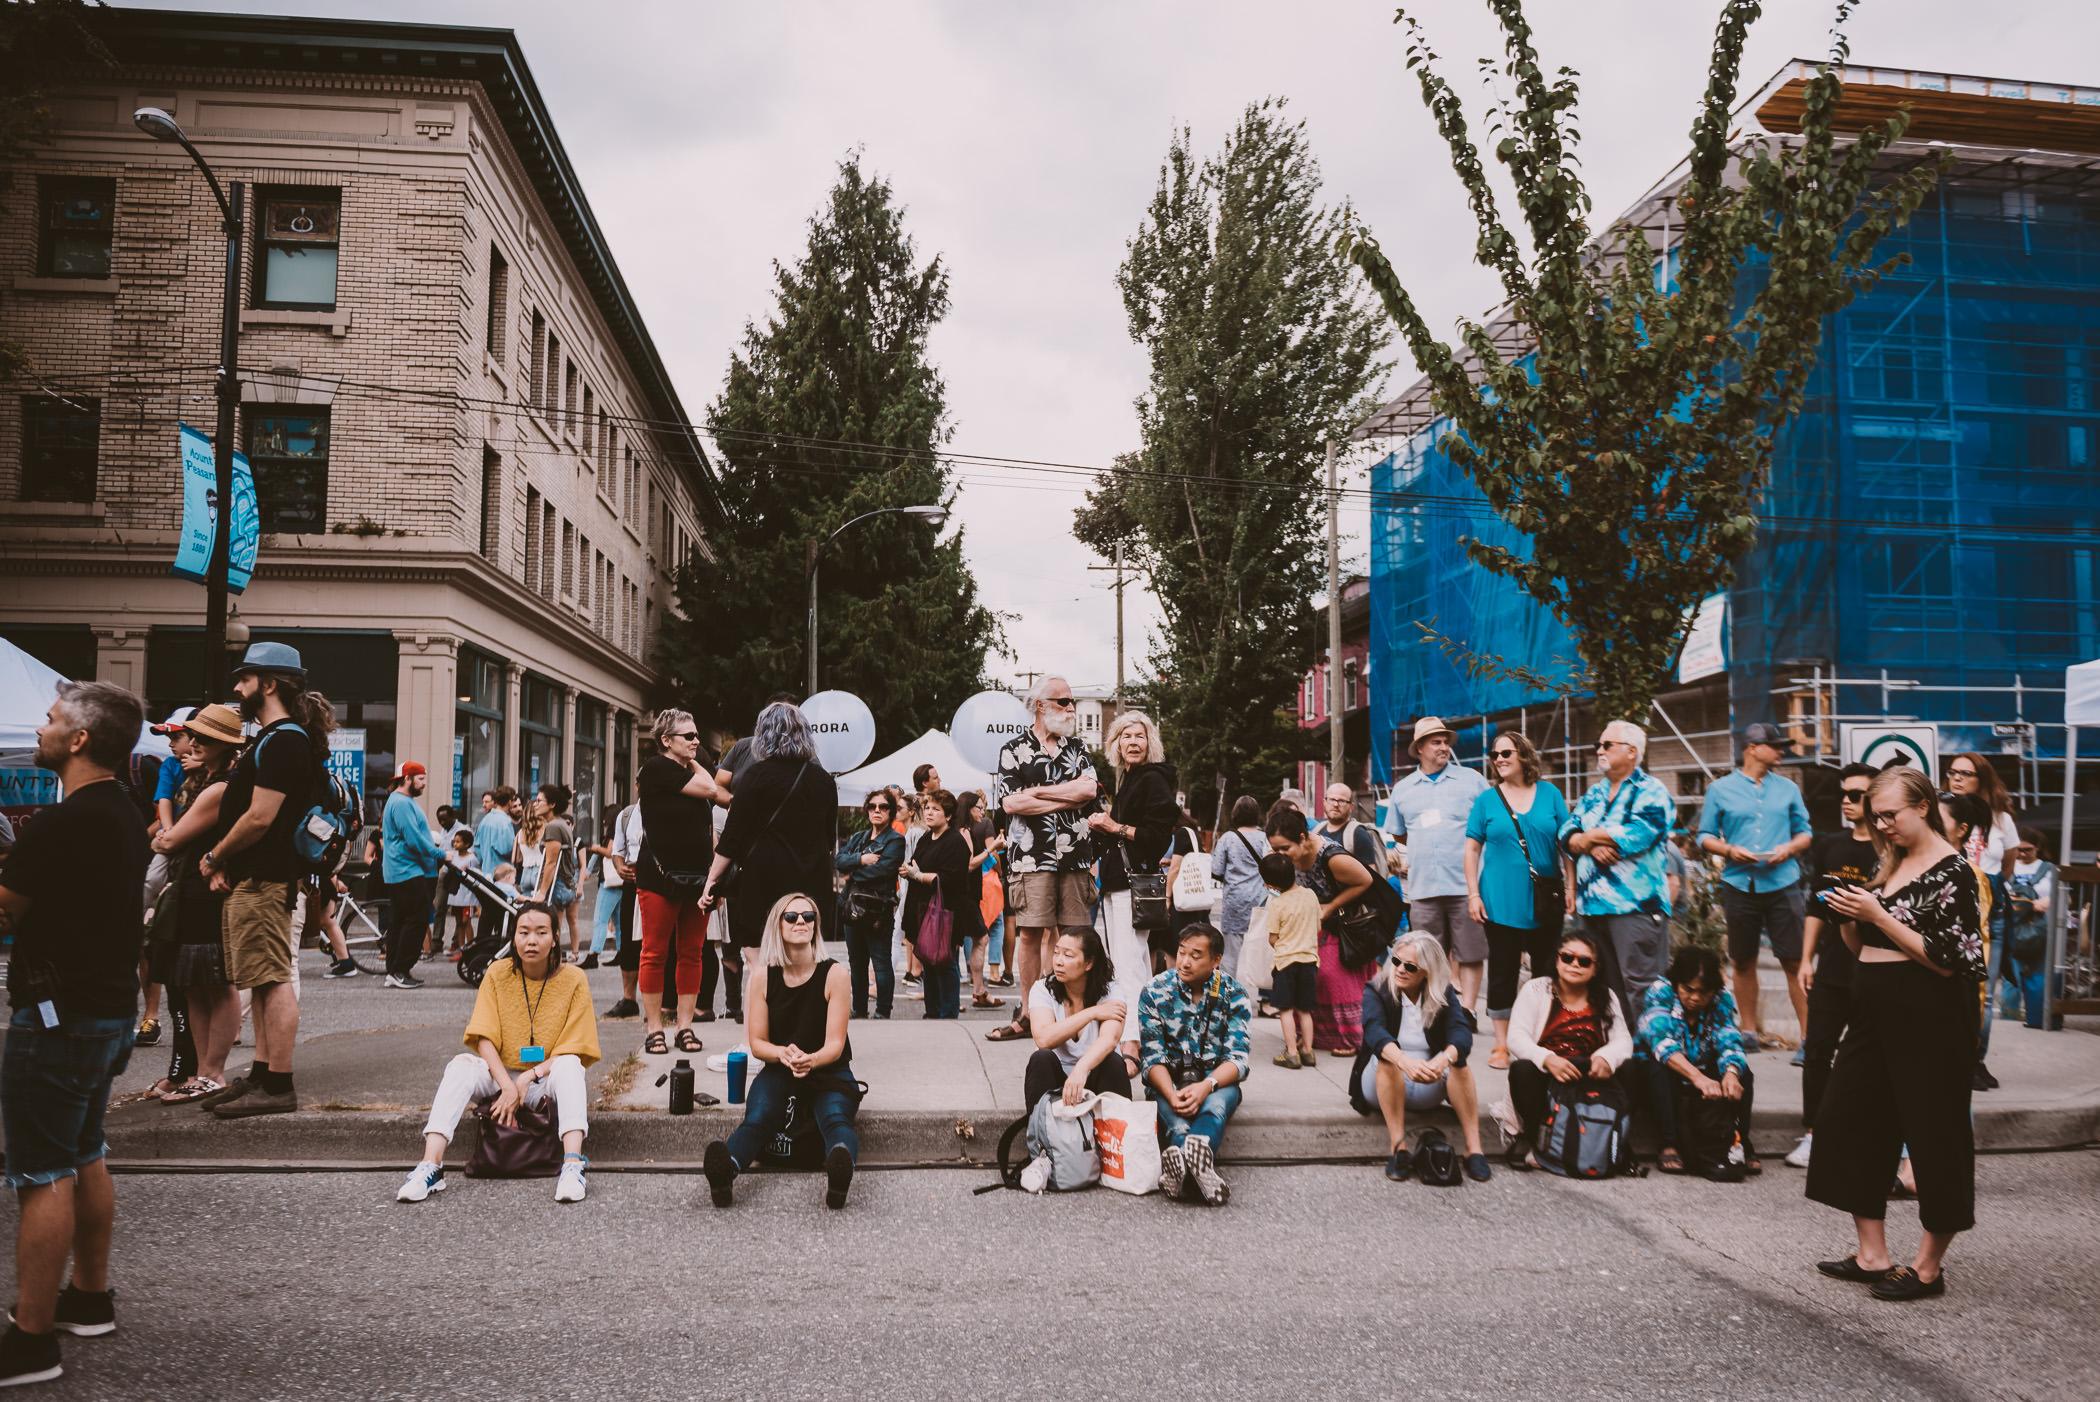 Vancouver_Mural_Fest-Do604-Timothy_Nguyen-20180811-24.jpg